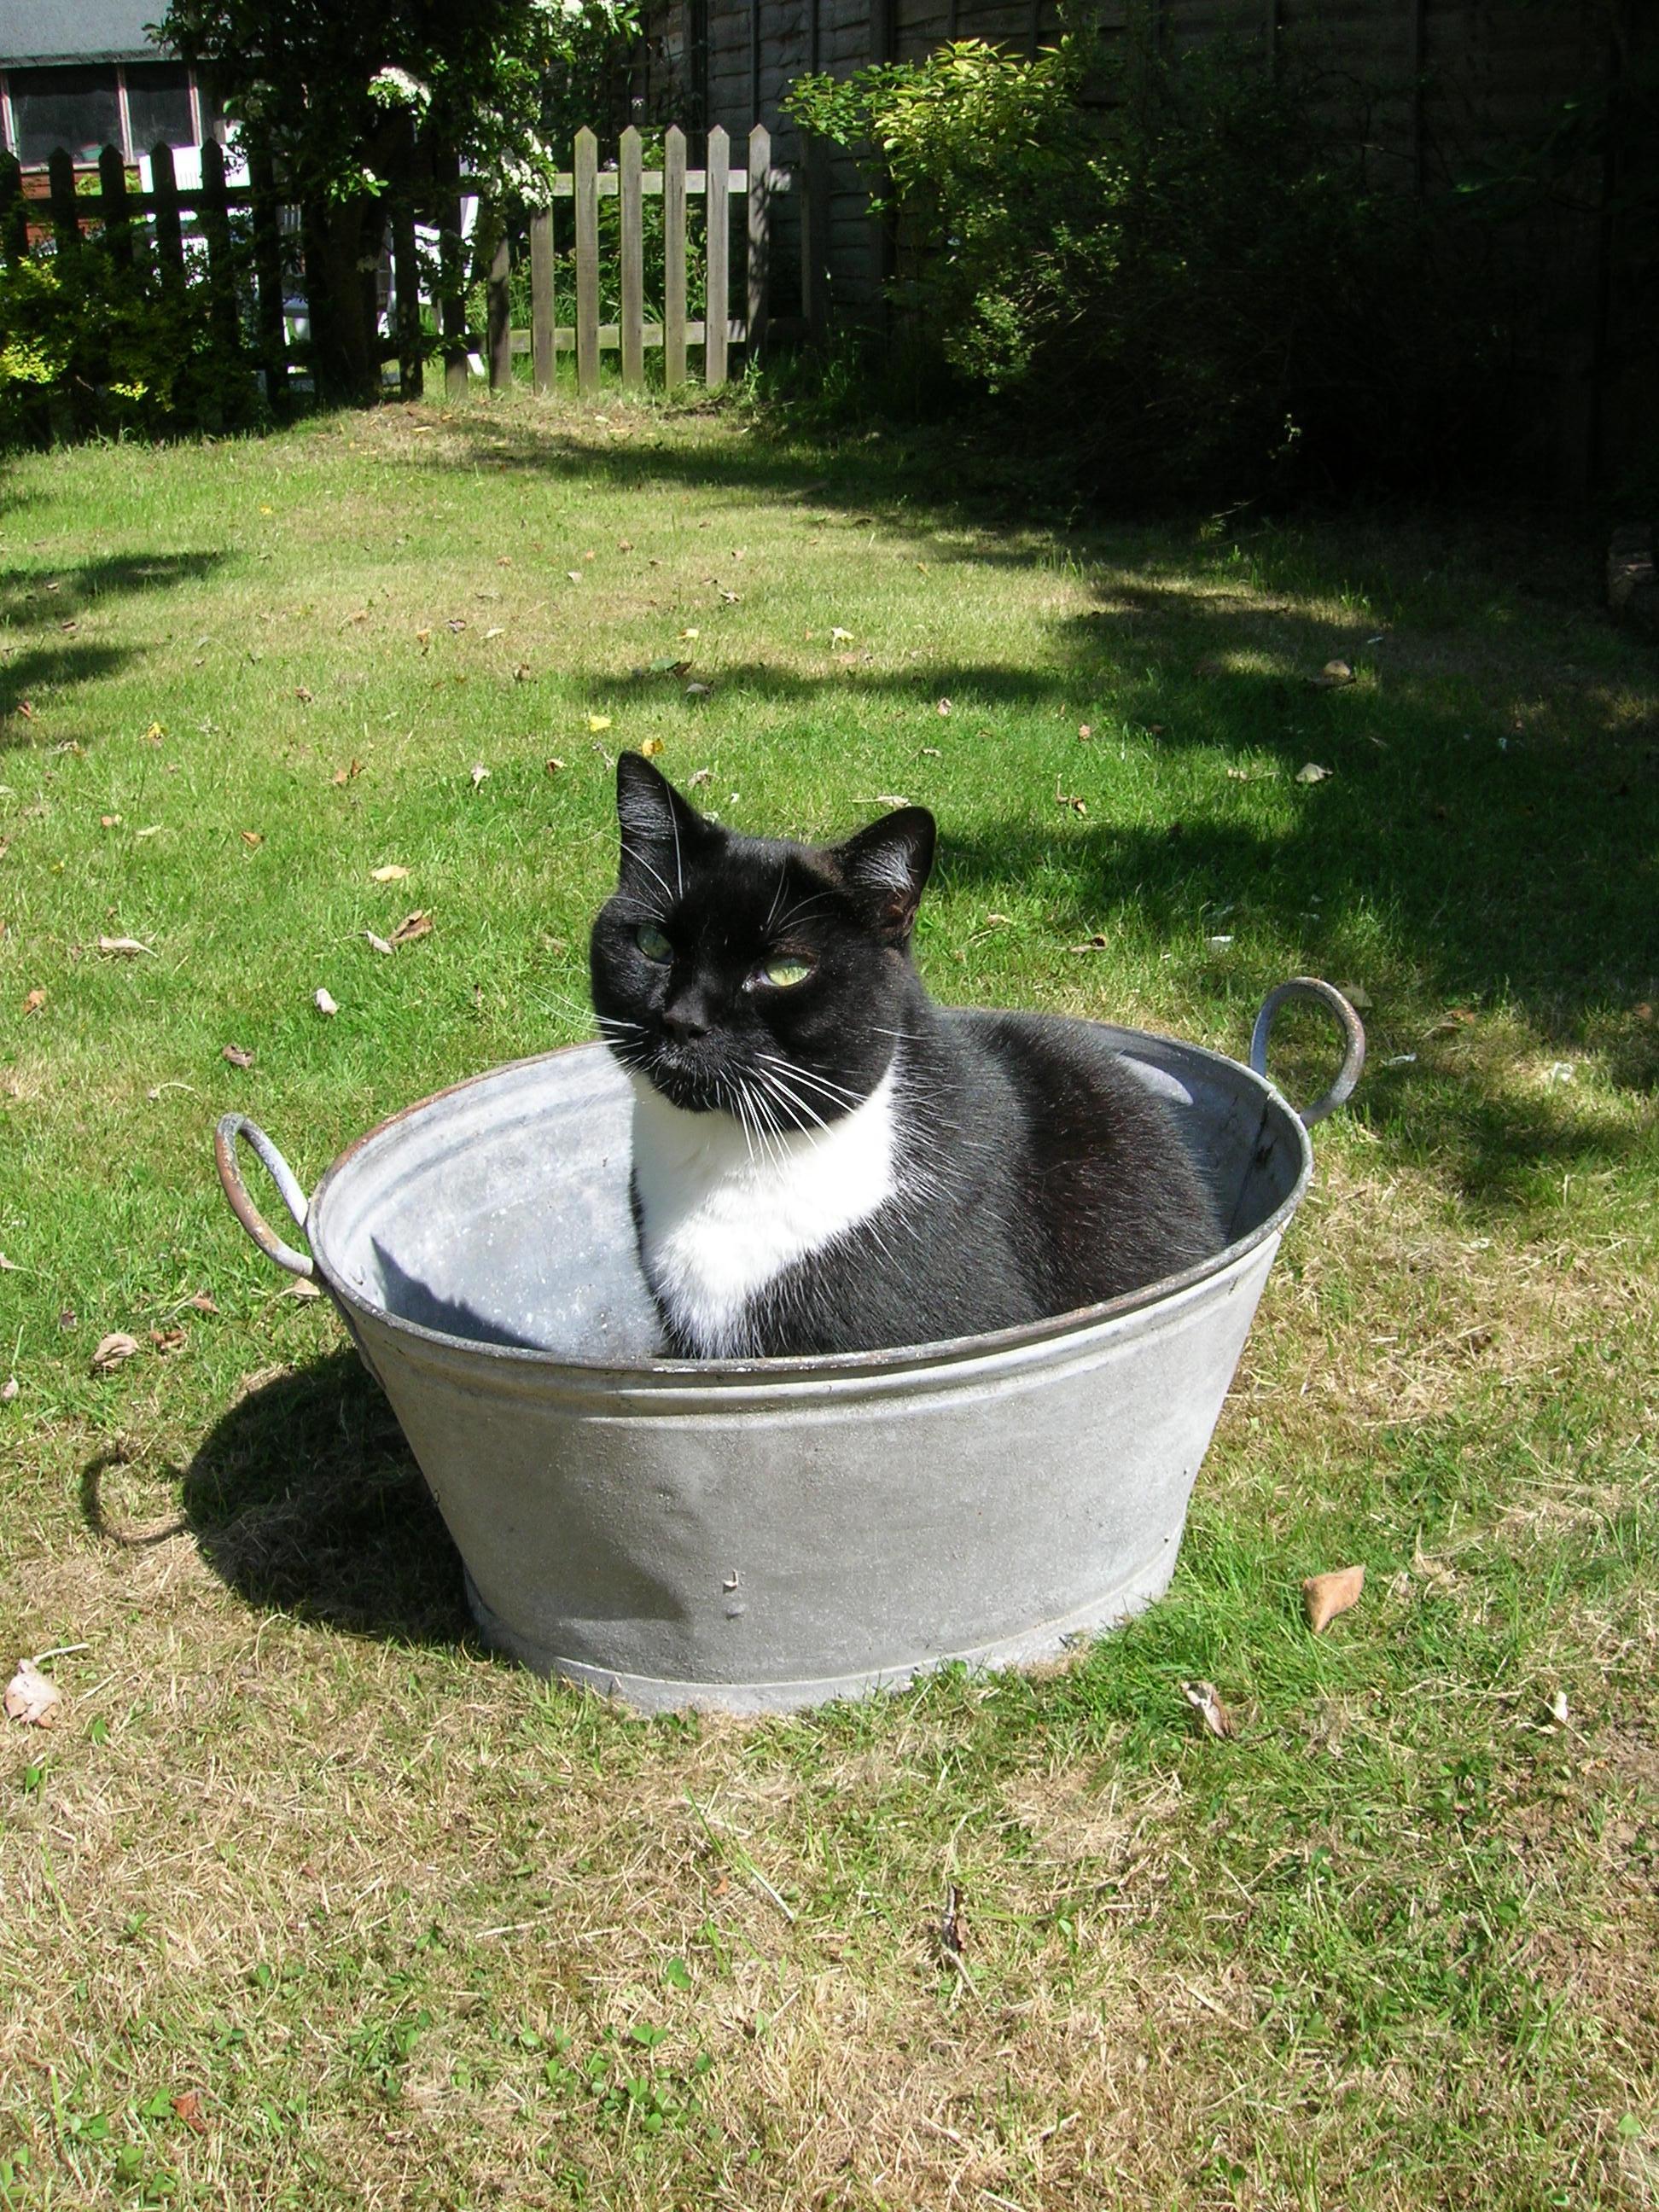 Cat in a bath by Juliamaud